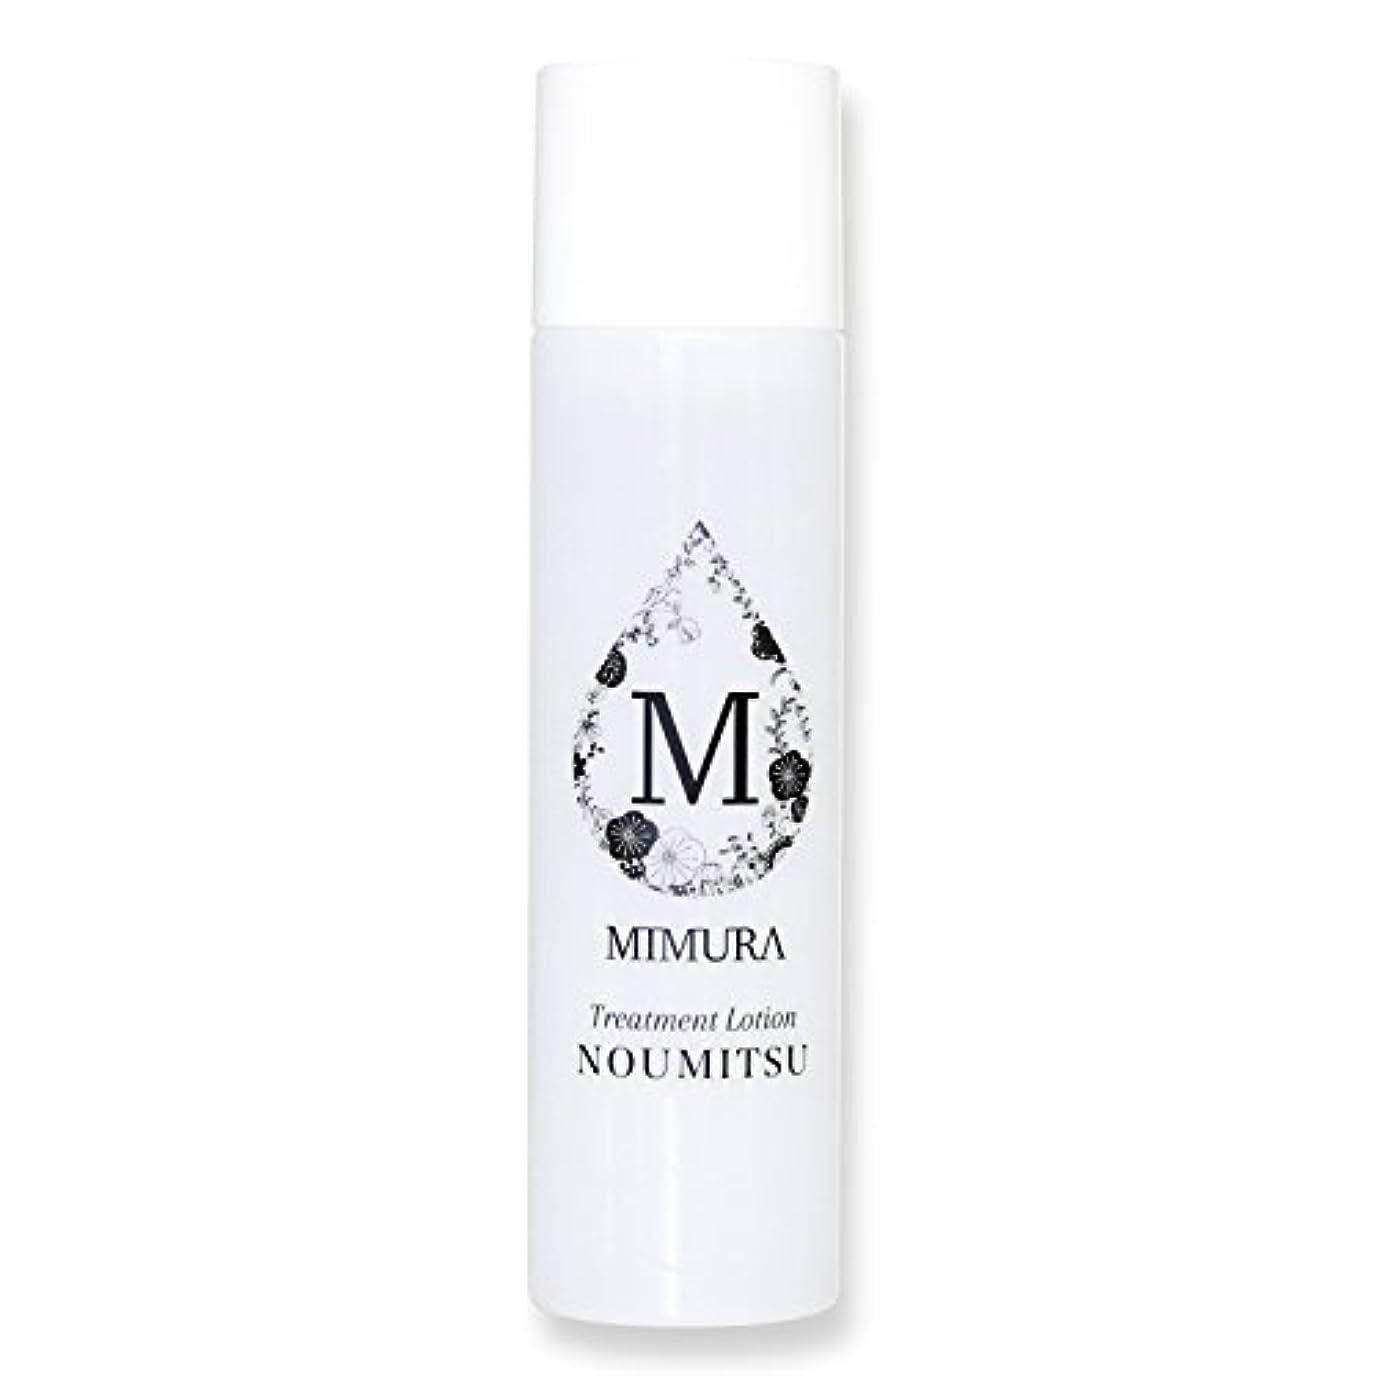 ポーズハウジング固体保湿化粧水 敏感肌 乾燥肌 ミムラ トリートメントローション NOUMITSU 125mL MIMURA 日本製